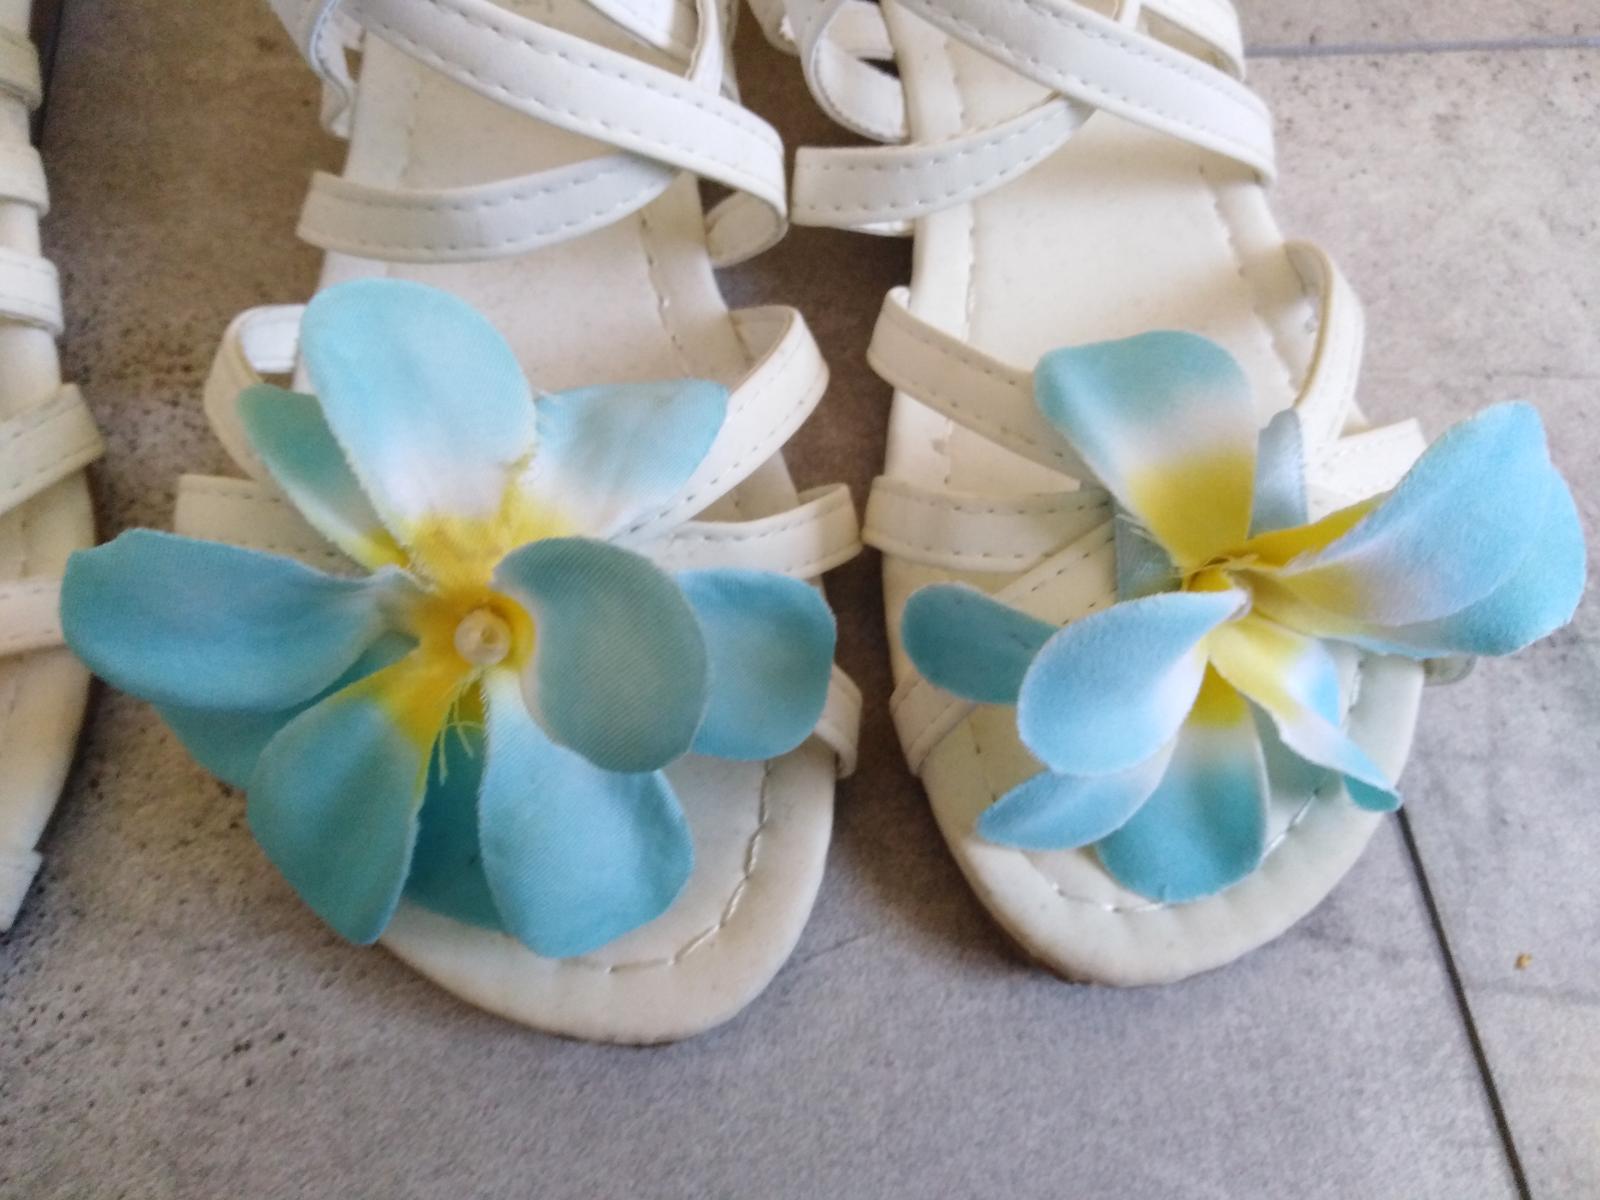 Dívčí boty na svatbu - Obrázek č. 1